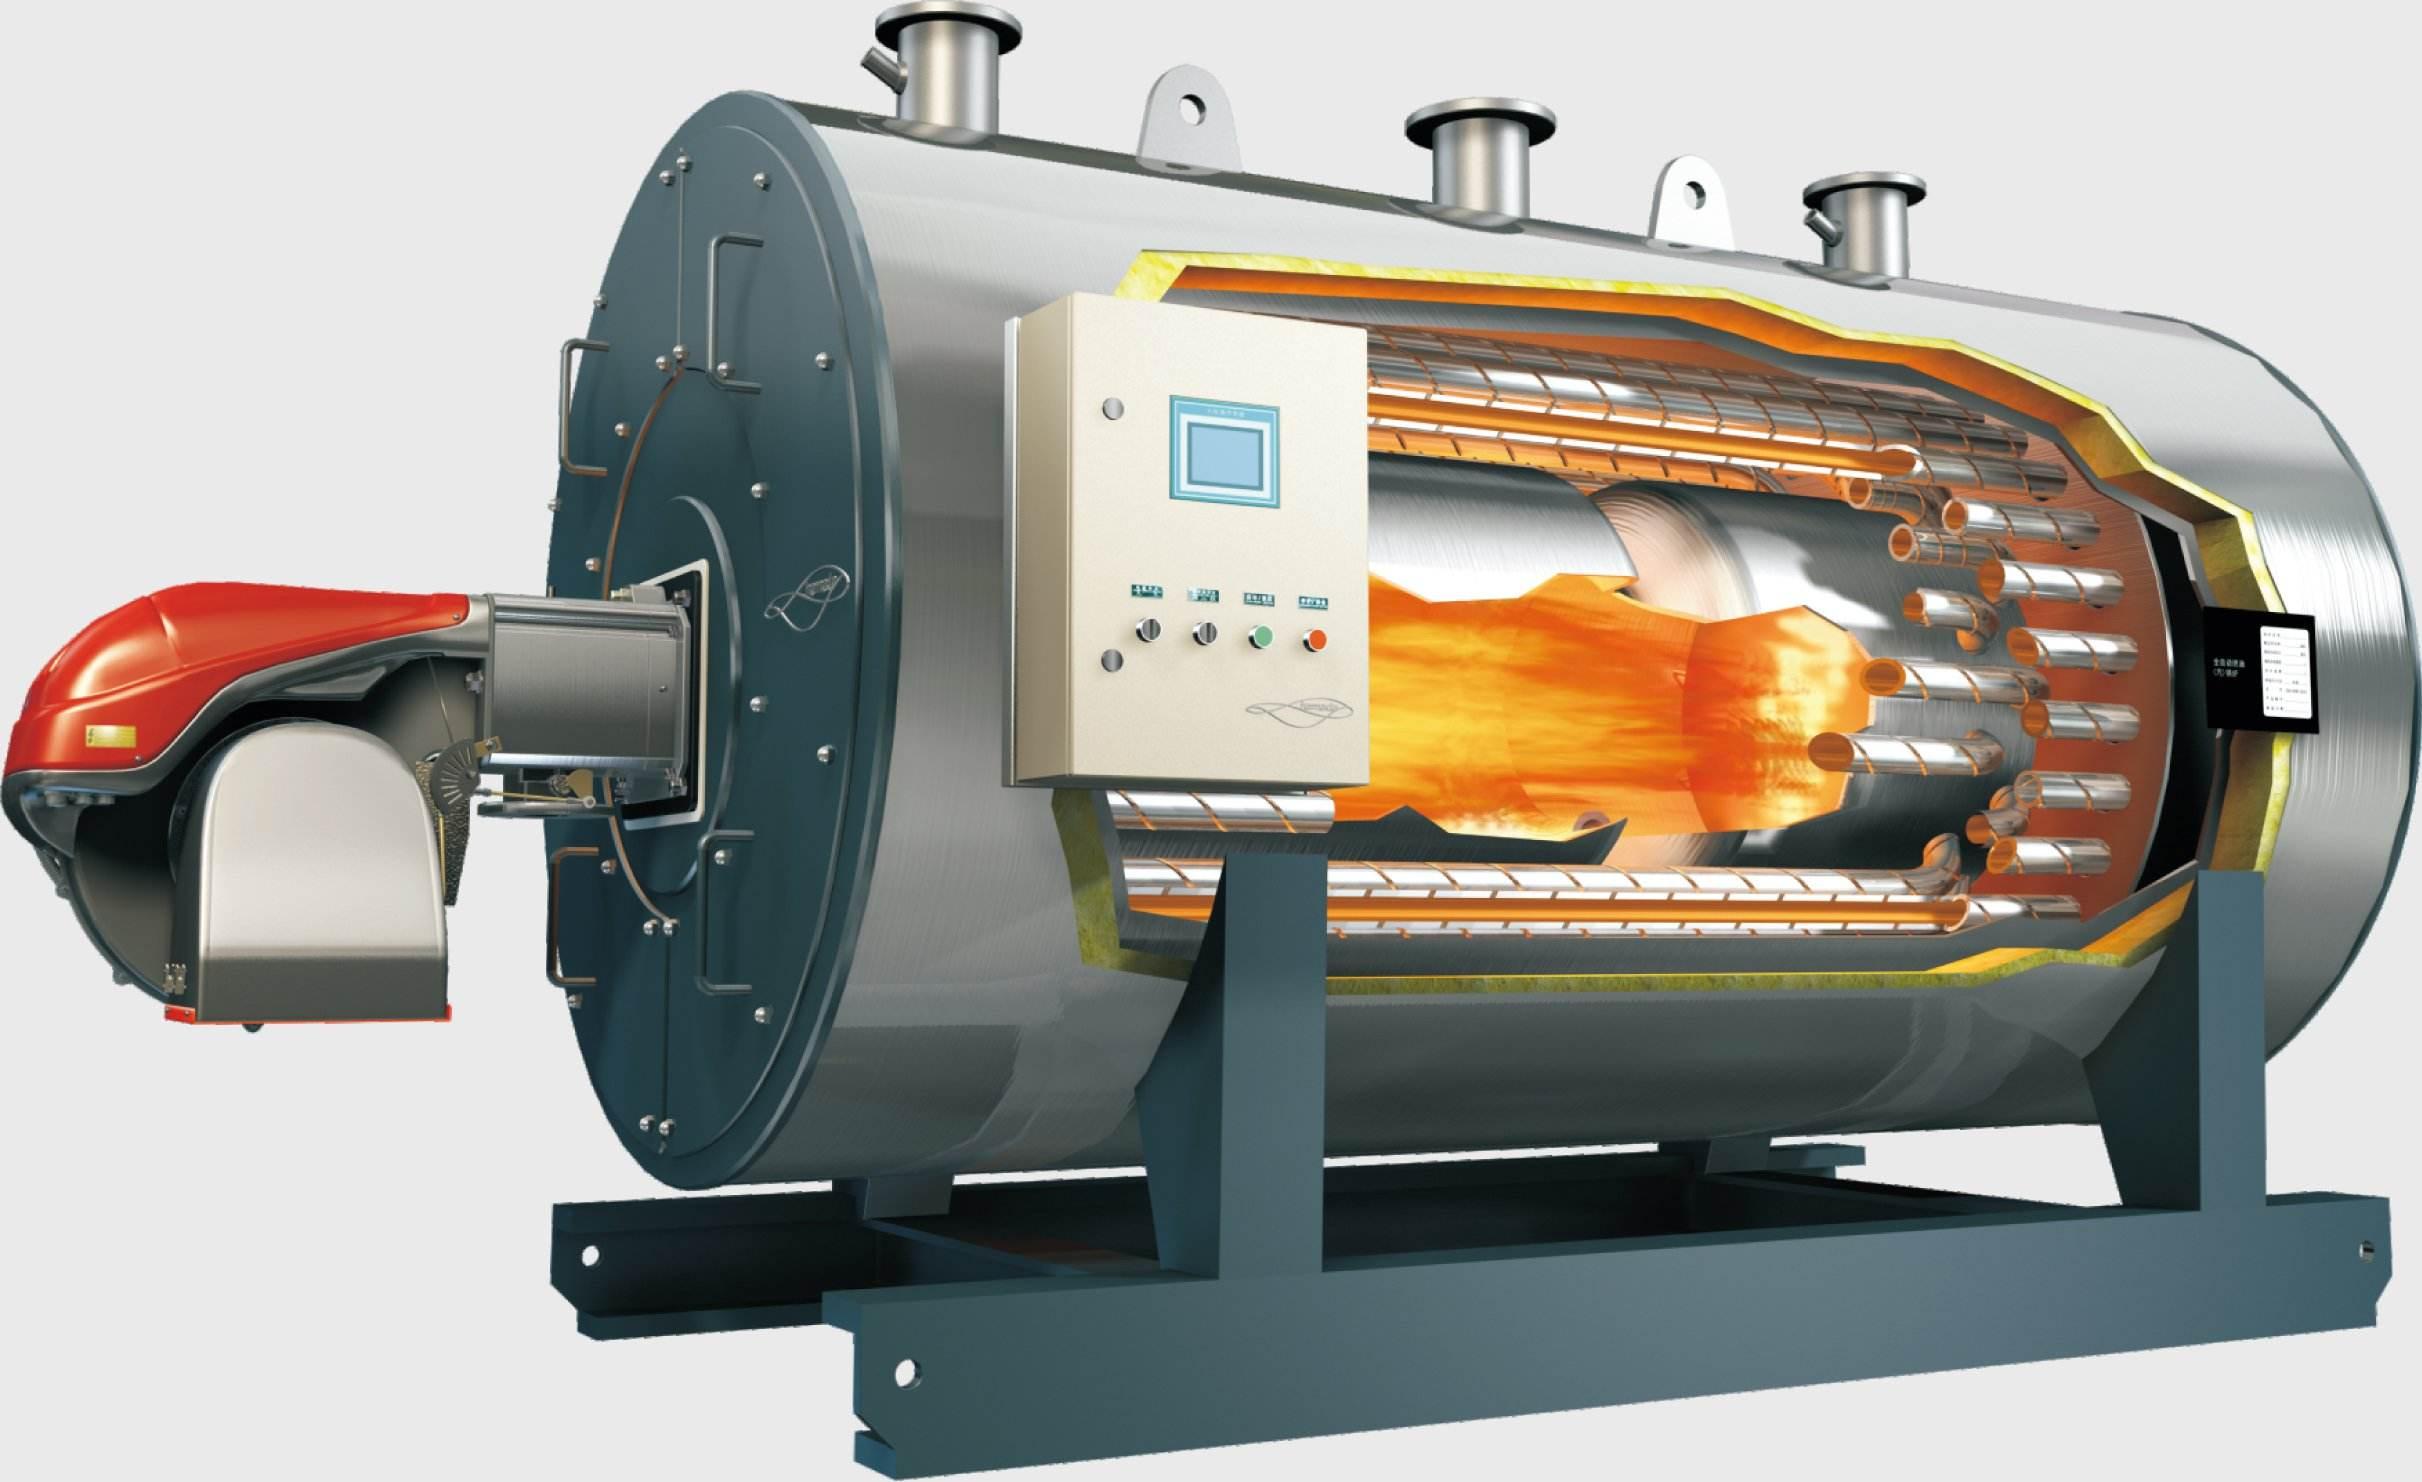 硫化罐,储气罐,燃气锅炉 河北森泰锅炉有限责任公司